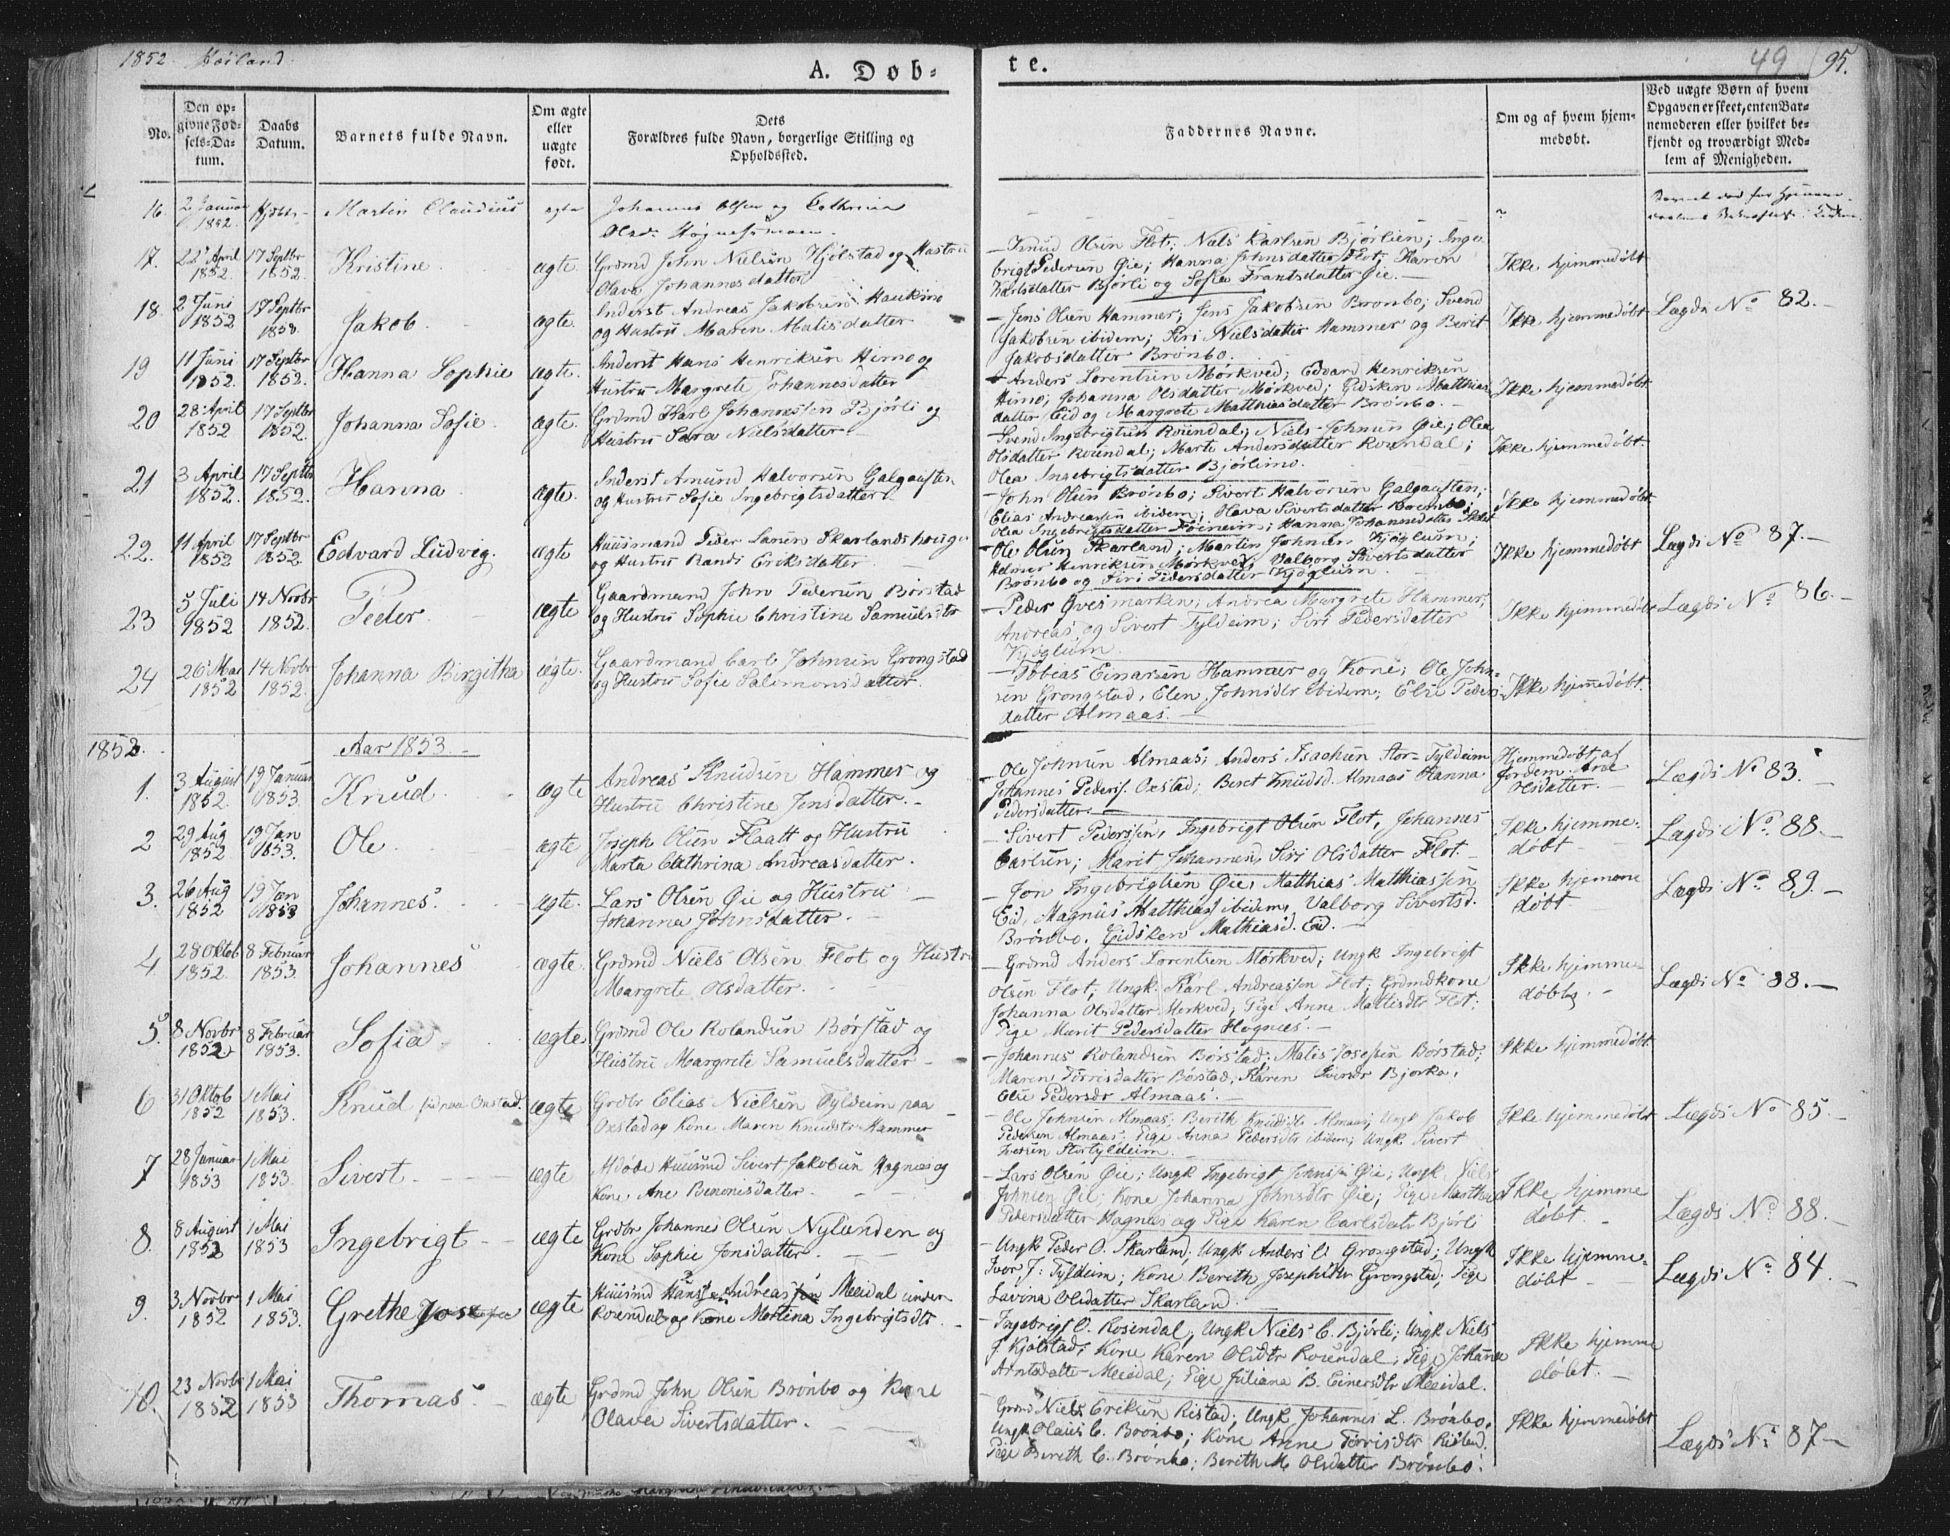 SAT, Ministerialprotokoller, klokkerbøker og fødselsregistre - Nord-Trøndelag, 758/L0513: Ministerialbok nr. 758A02 /2, 1839-1868, s. 49